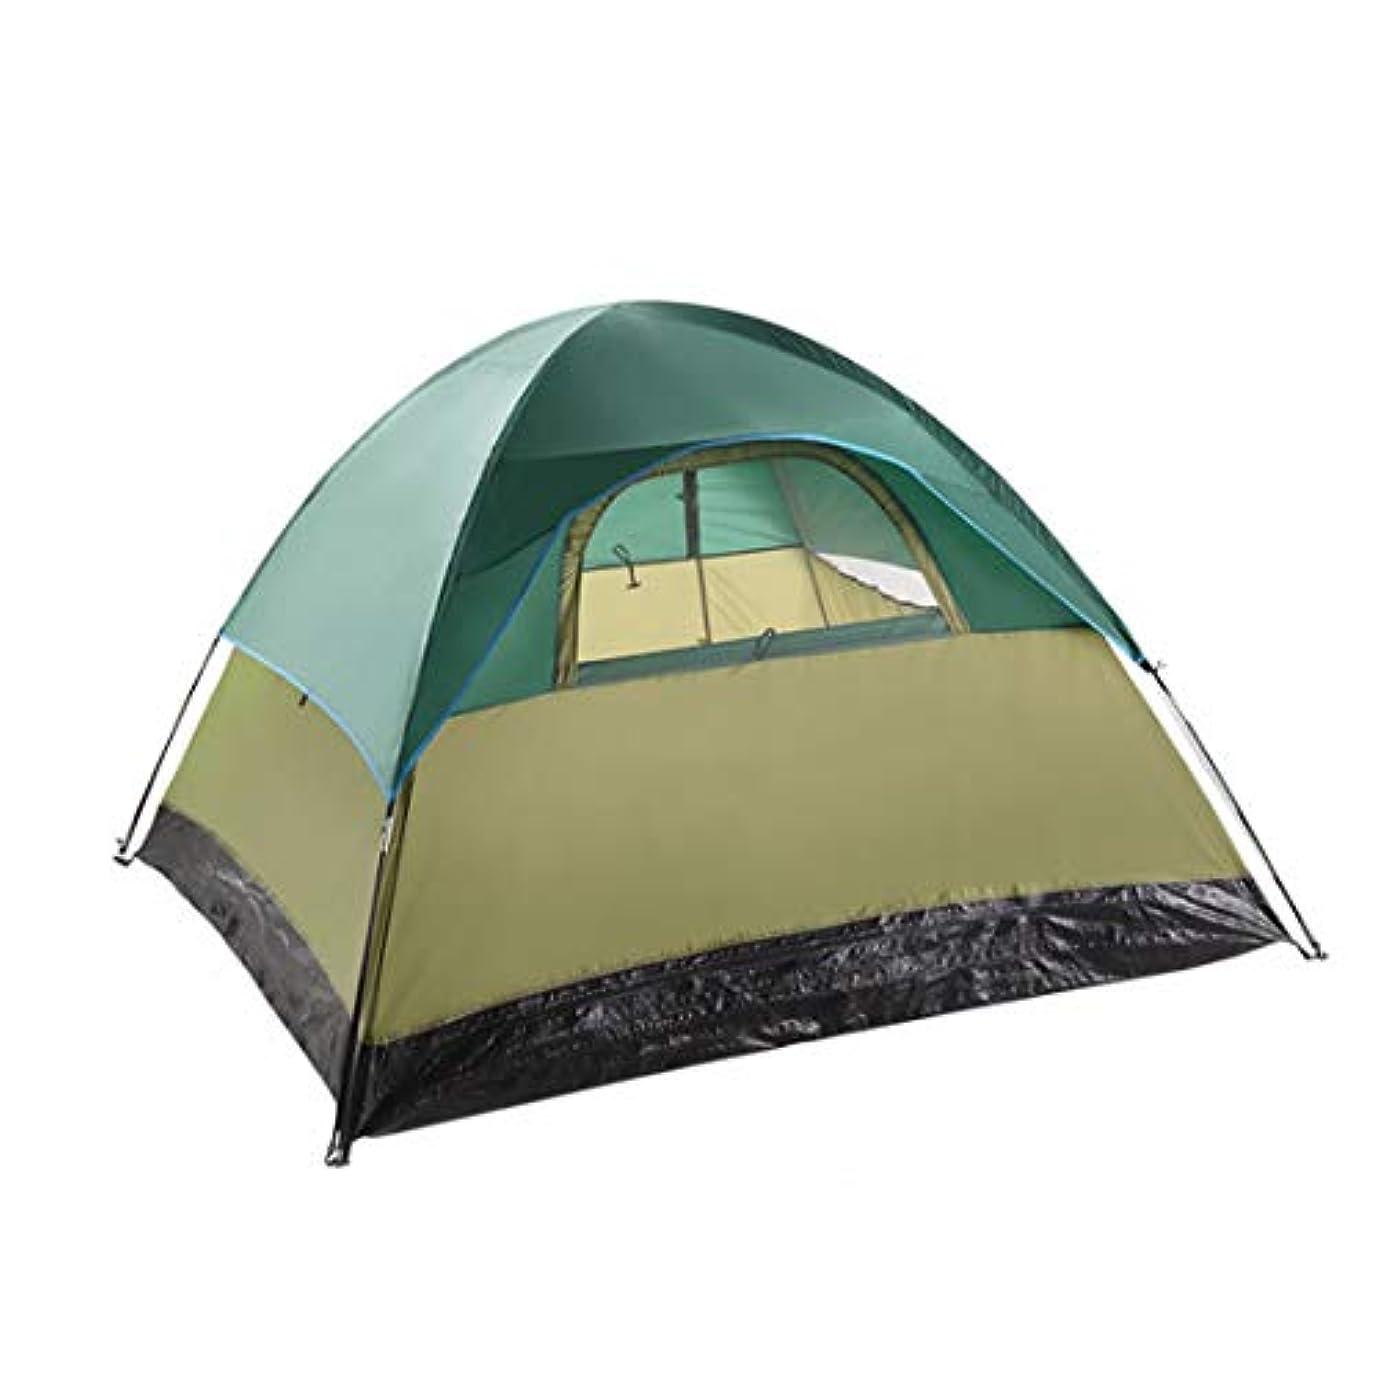 応じるスポーツの試合を担当している人土地人民の東の道 屋外キャンプ用の3人用と4人用のテント (色 : オレンジ)